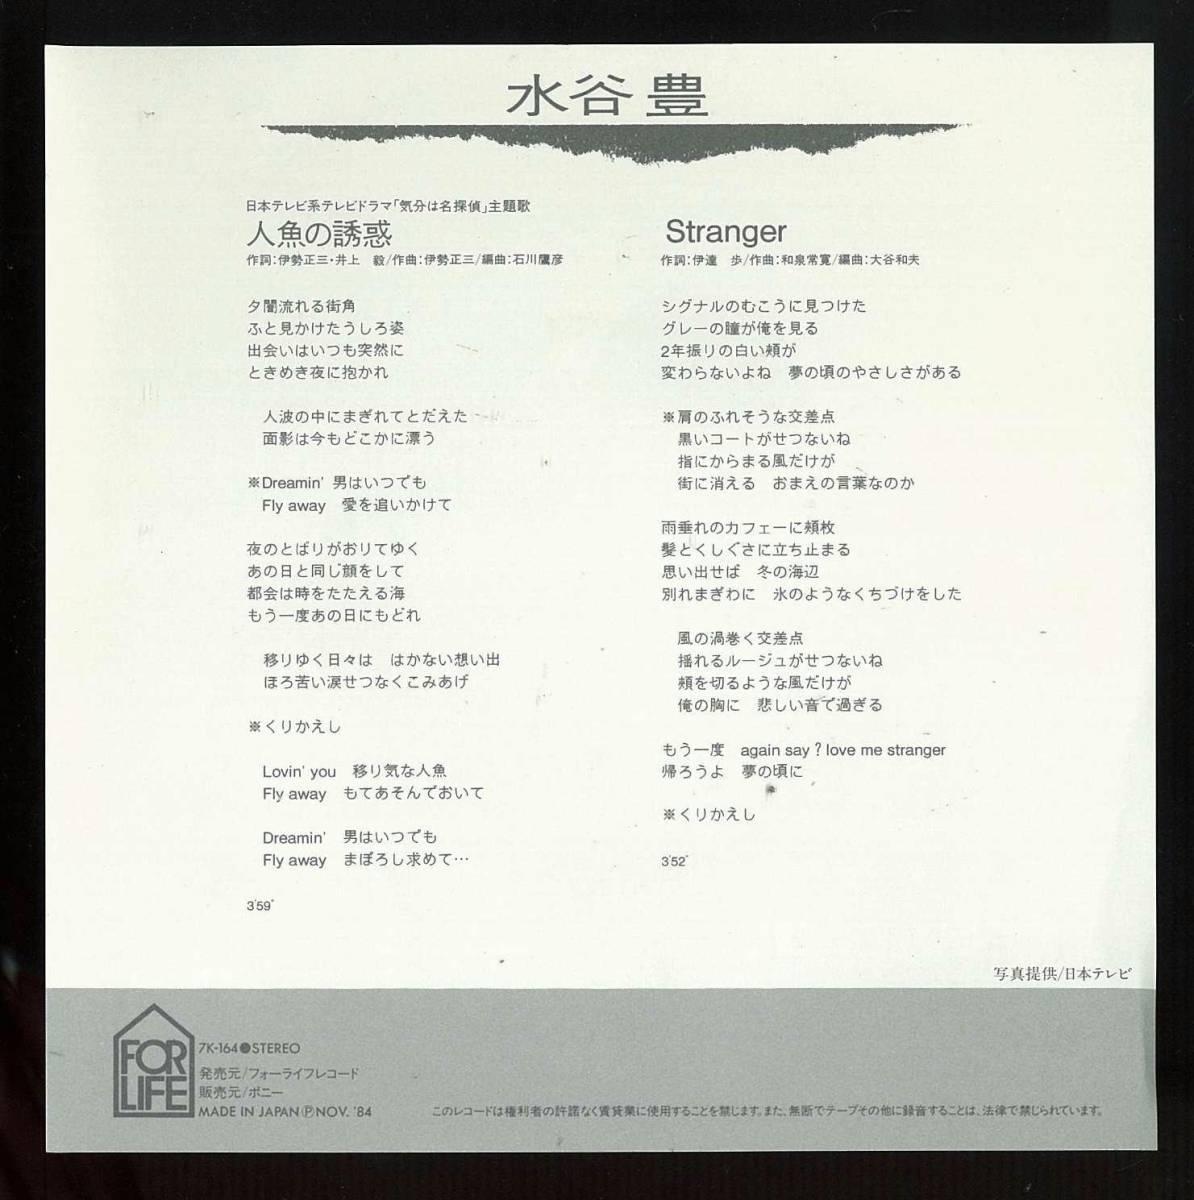 ◆中古EP盤◆水谷豊◆人魚の誘惑◆Stranger◆_画像2